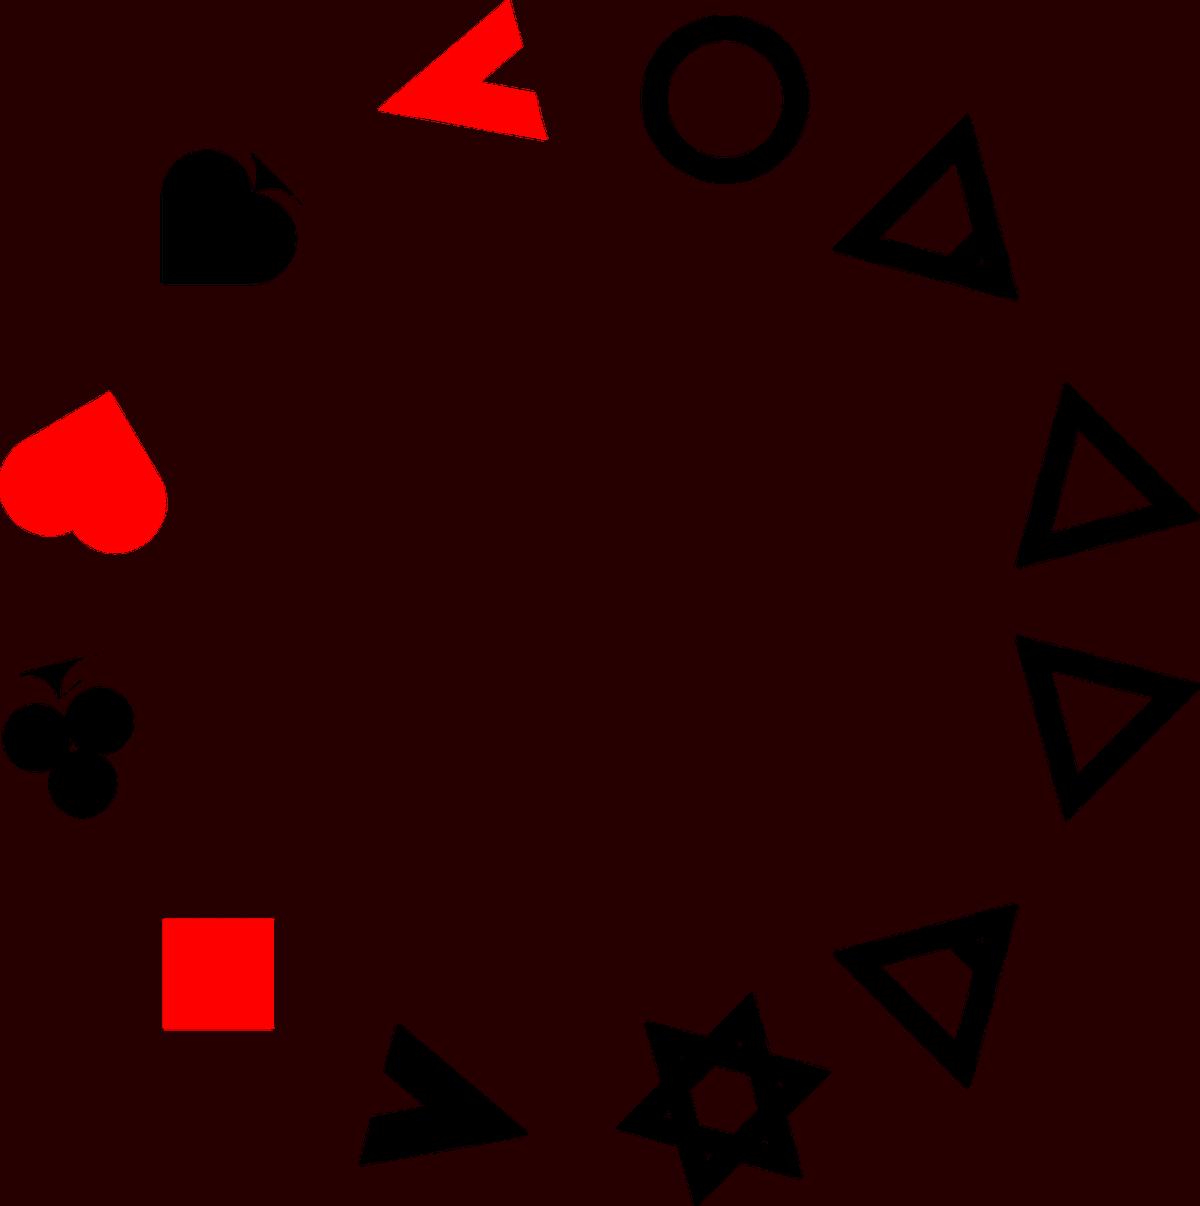 צורות